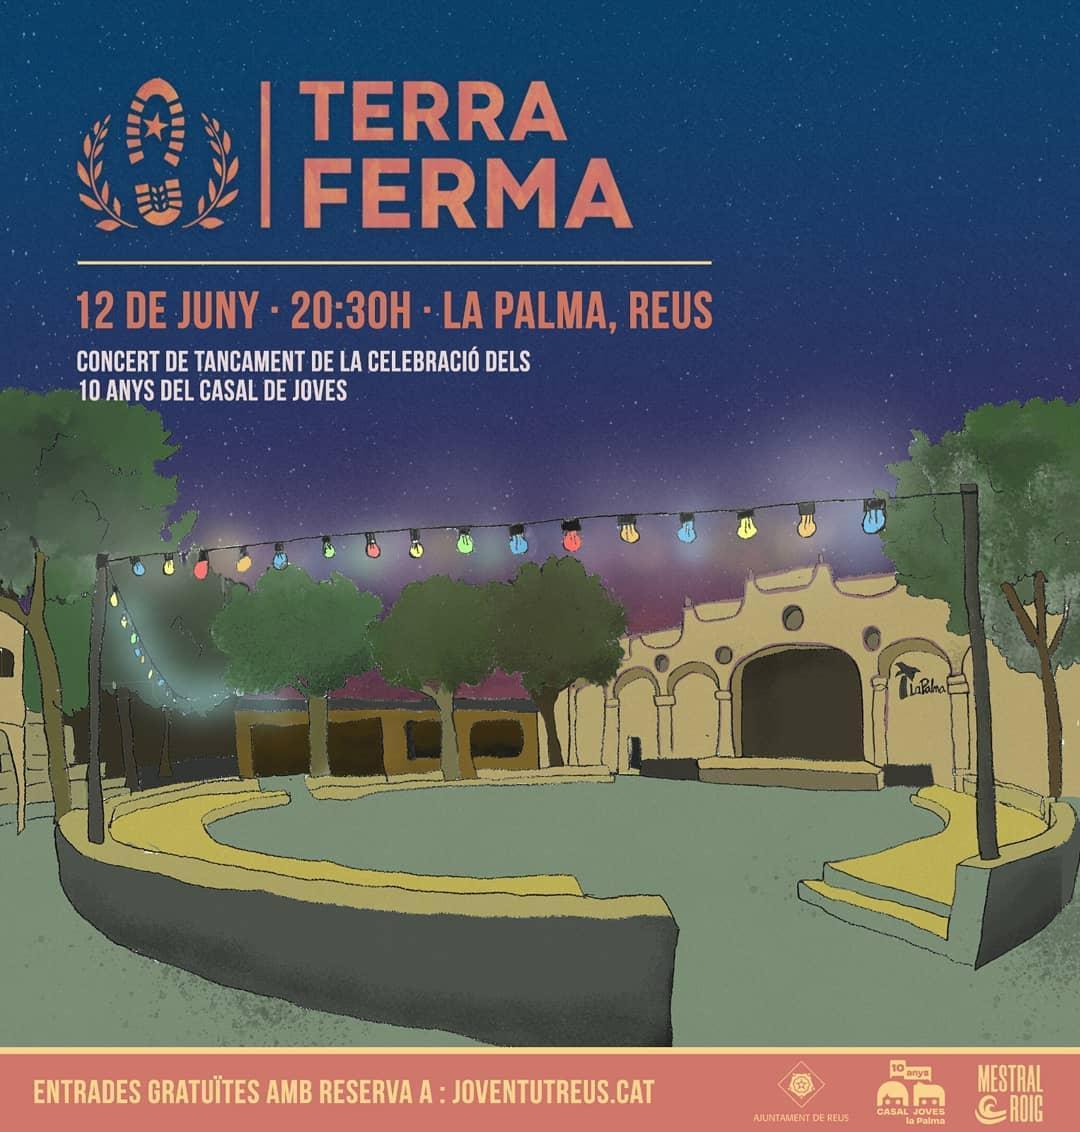 CONCERT DE TERRA FERMA A LA PALMA